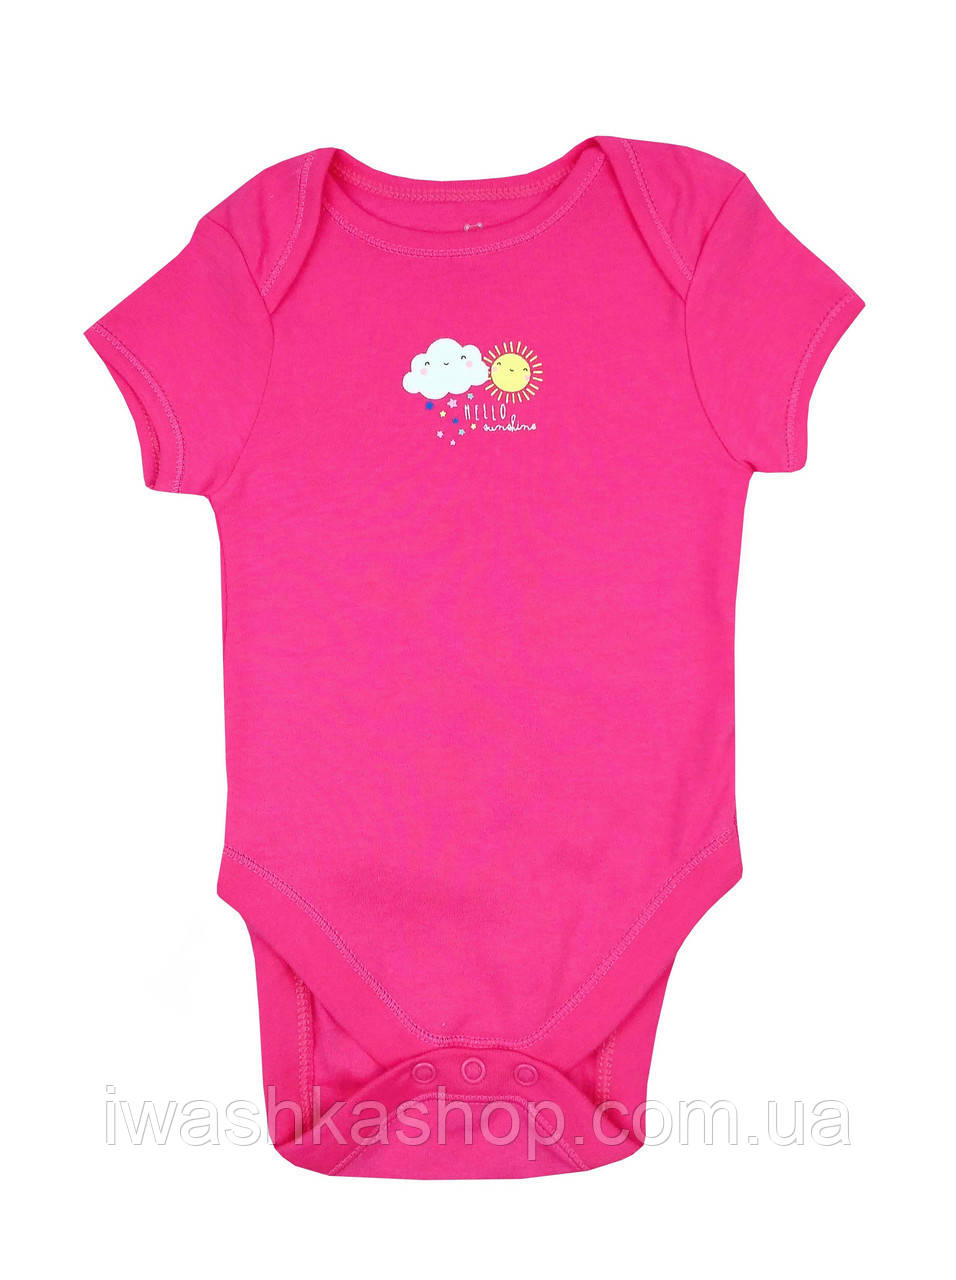 Яркое малиновое боди с коротким рукавом для новорожденной девочки до 3.4 кг, Early days by Primark, Германия